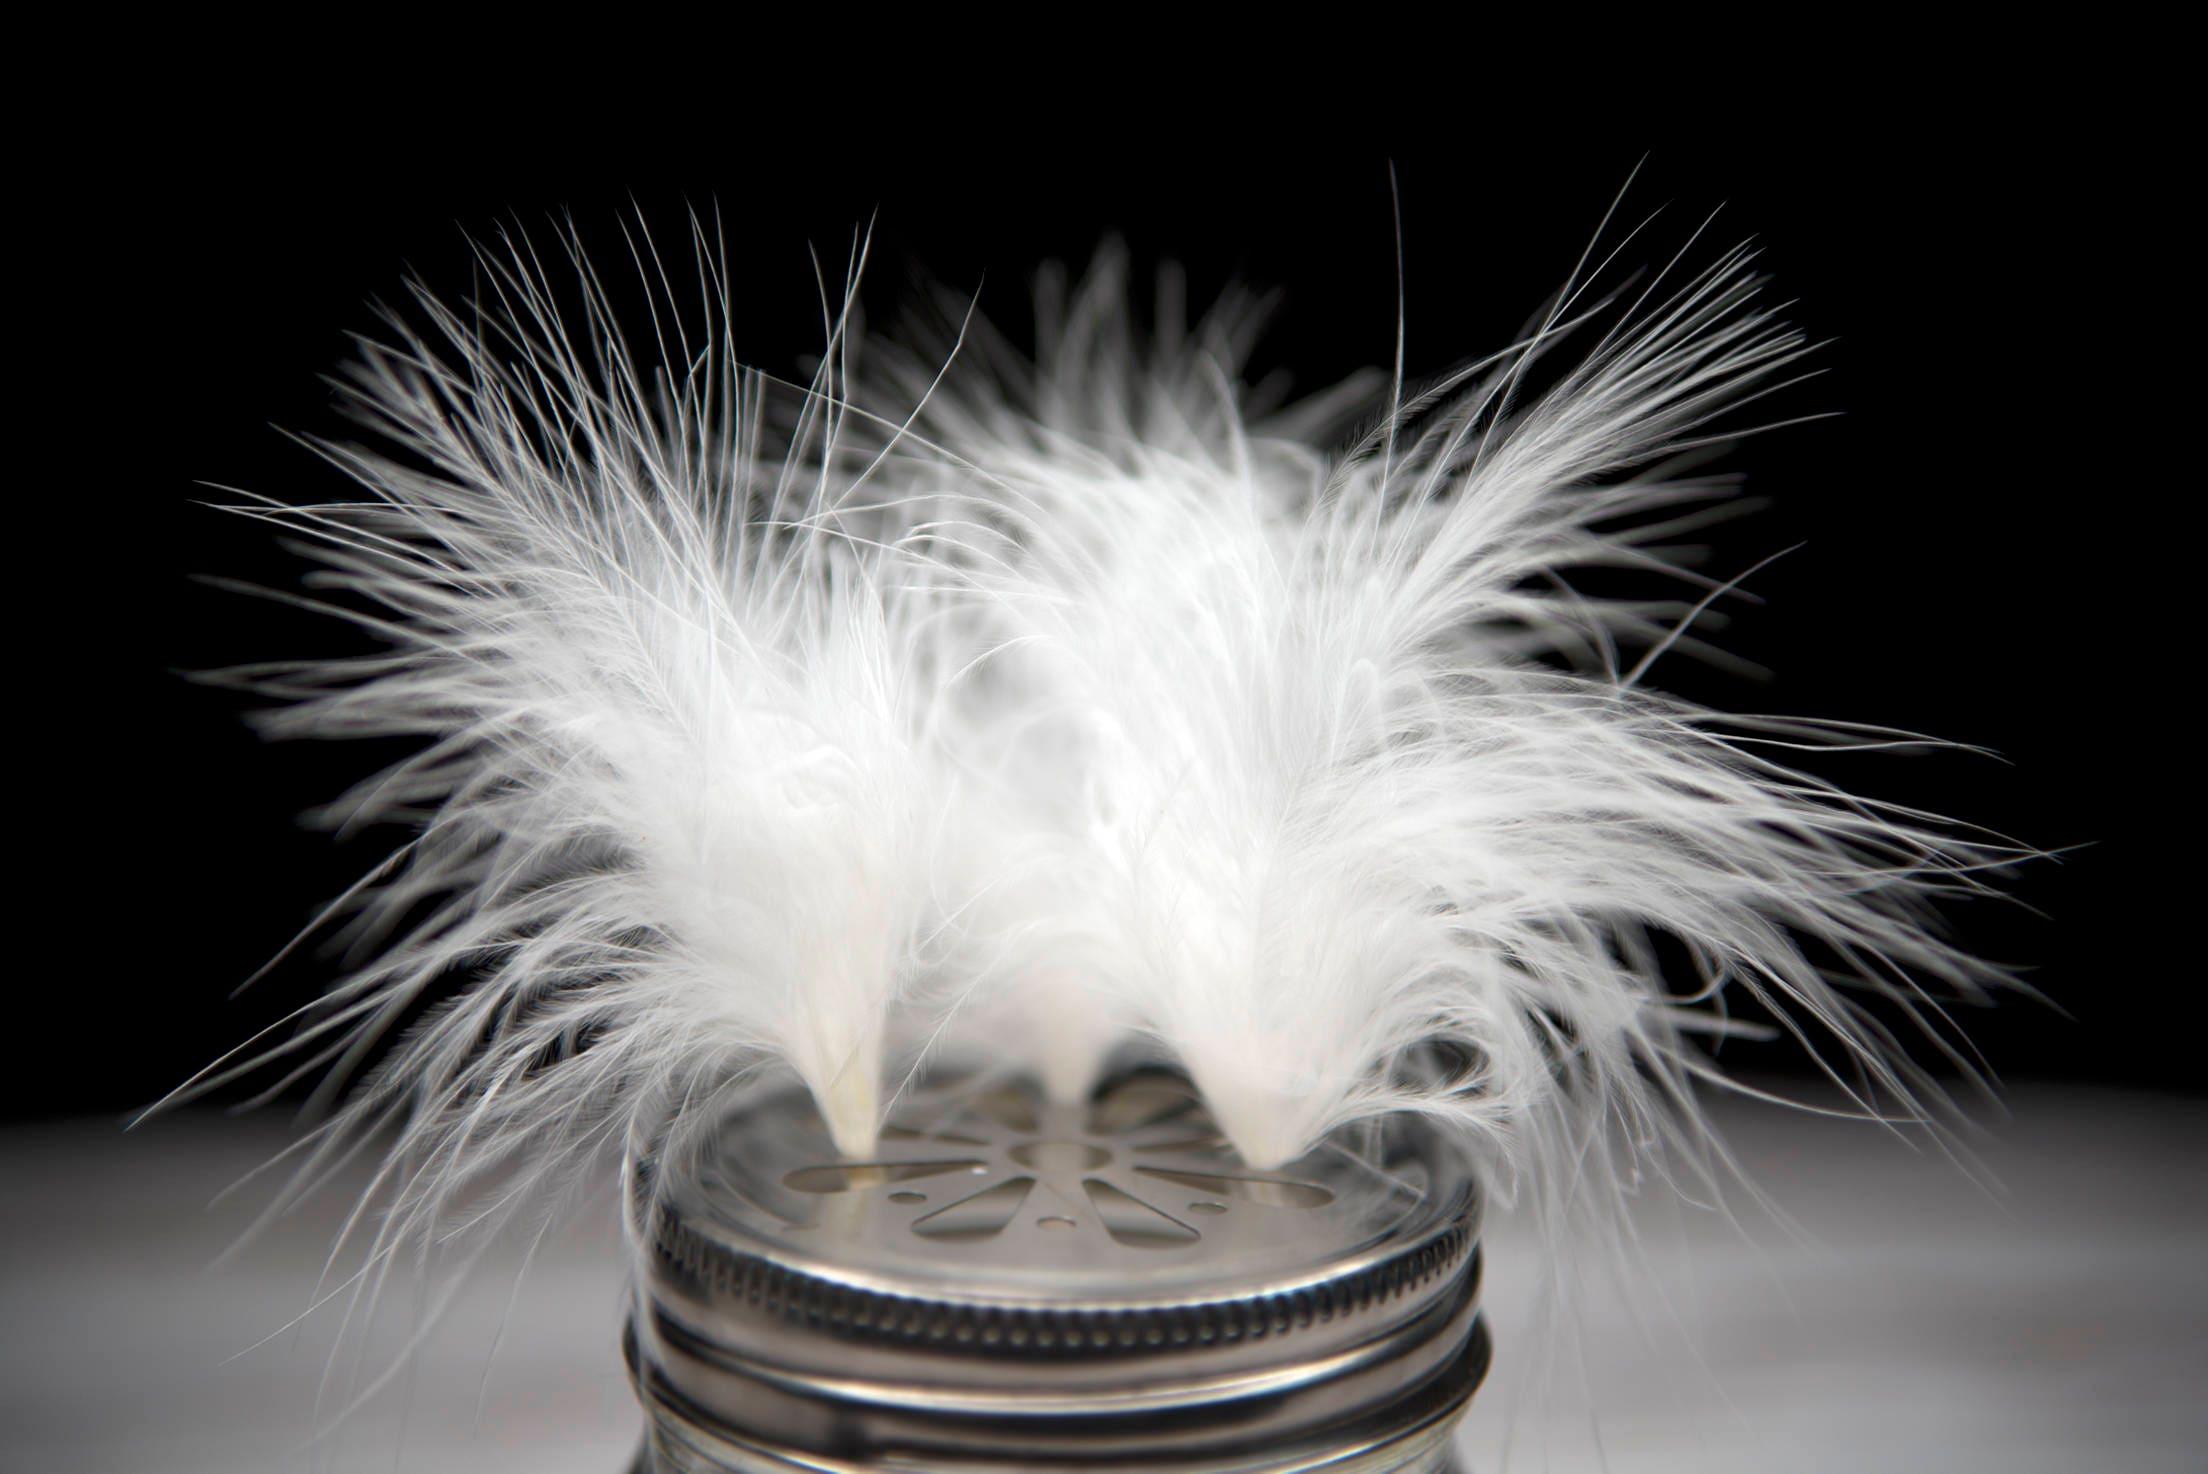 100 x Marabou blanche de très moelleux de blanche dinde plumes 7-10cm e7b7b7